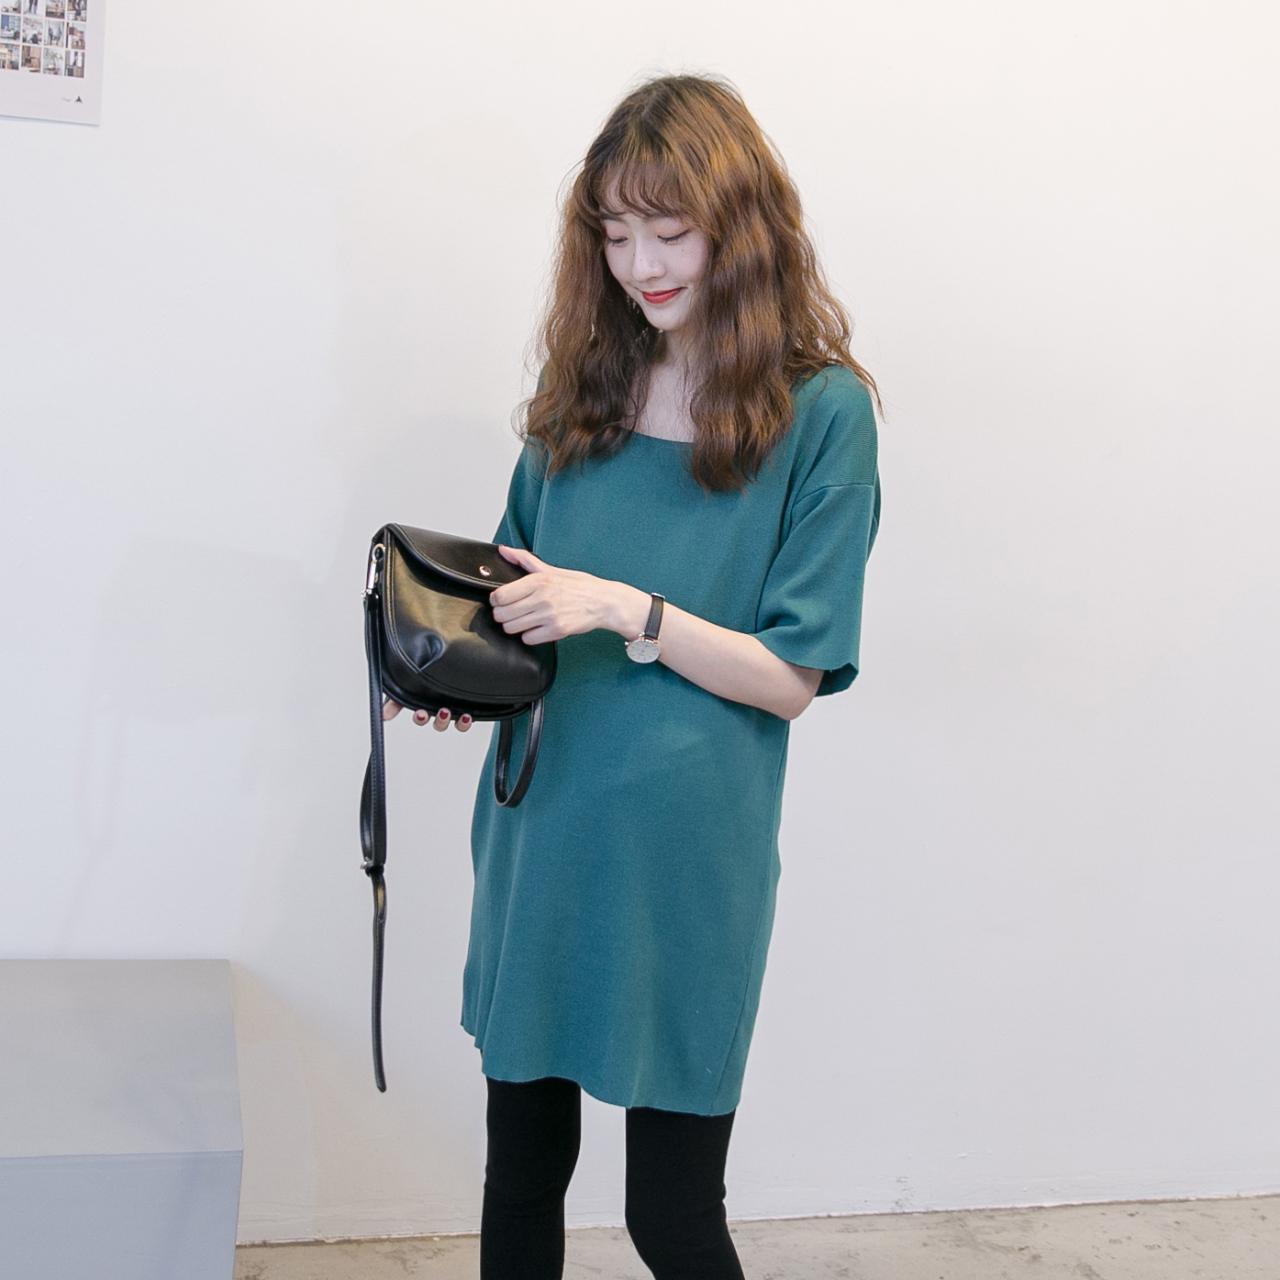 孕妇春夏装2019时尚新款针织T恤裙纯色休闲短袖潮妈中长连衣裙潮